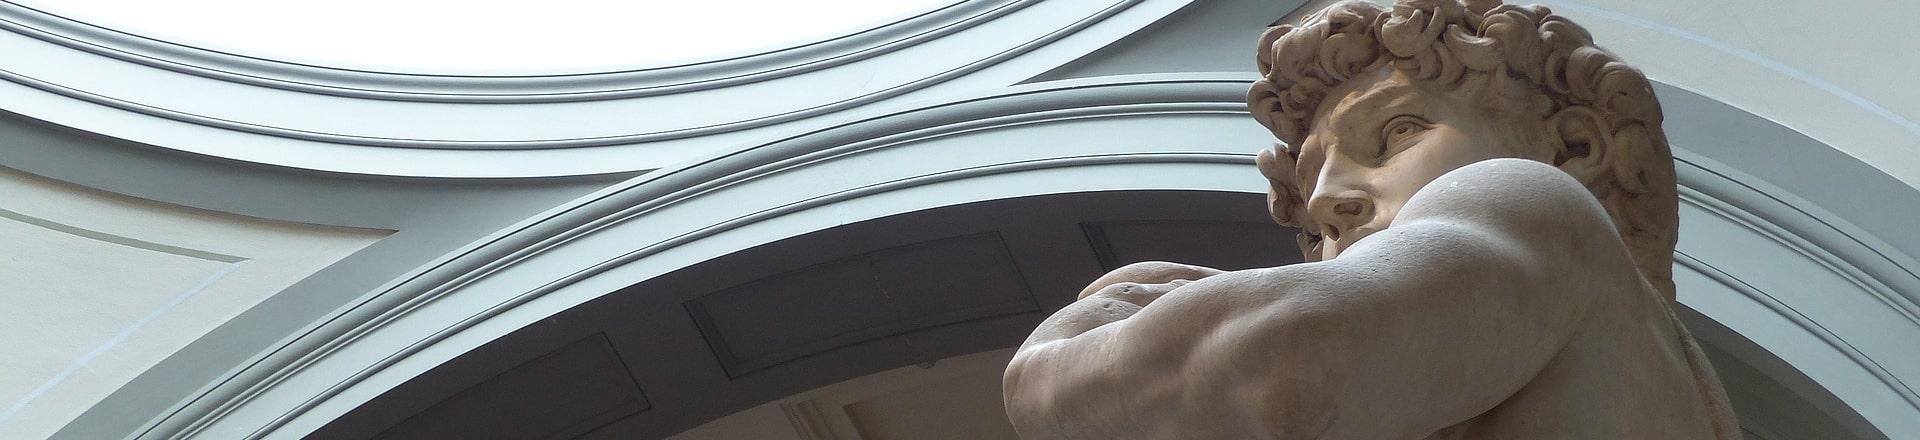 David at Galleria dell'Accademia